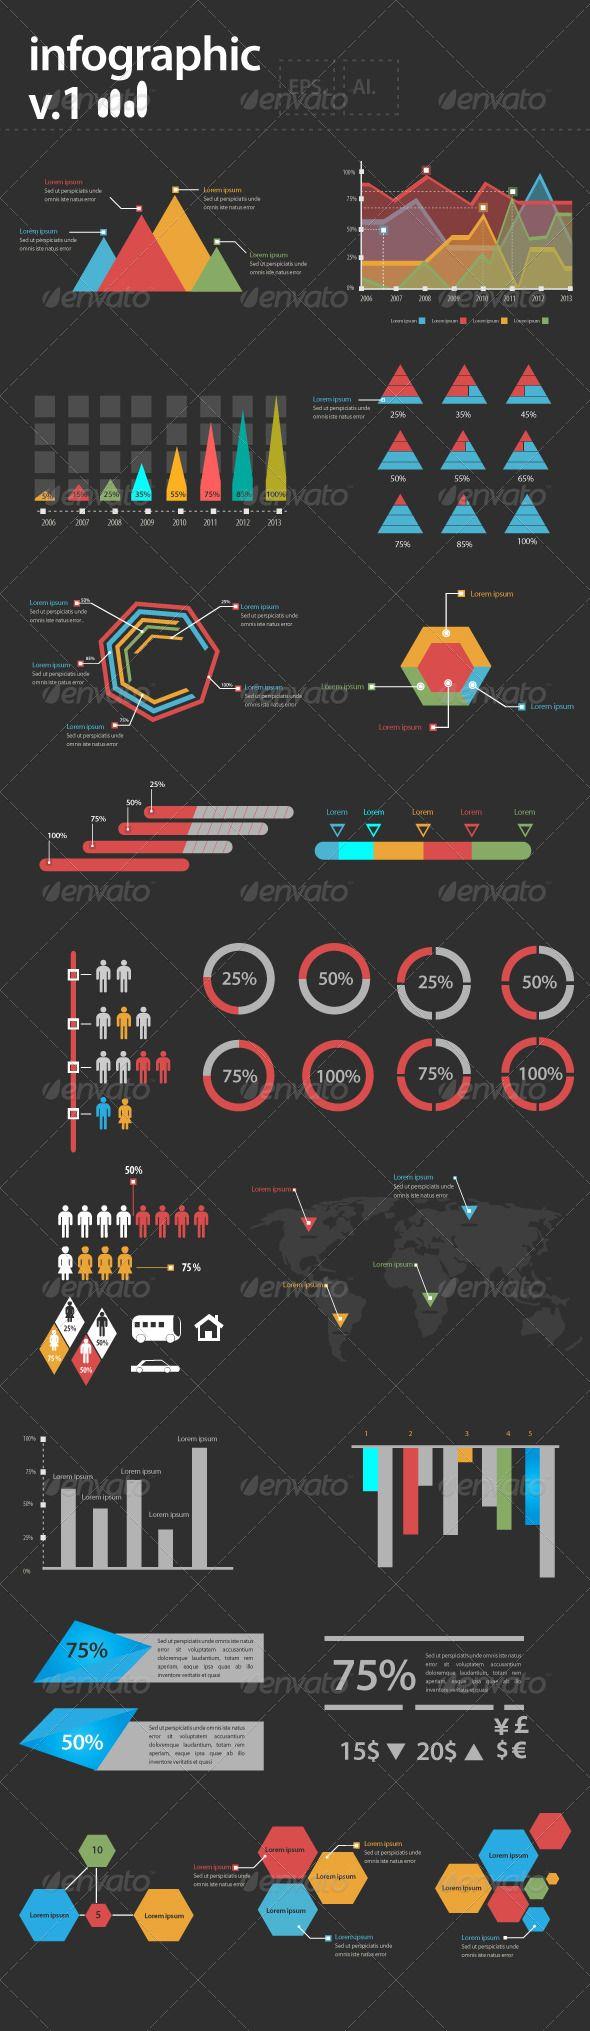 InfoGraphic V.1